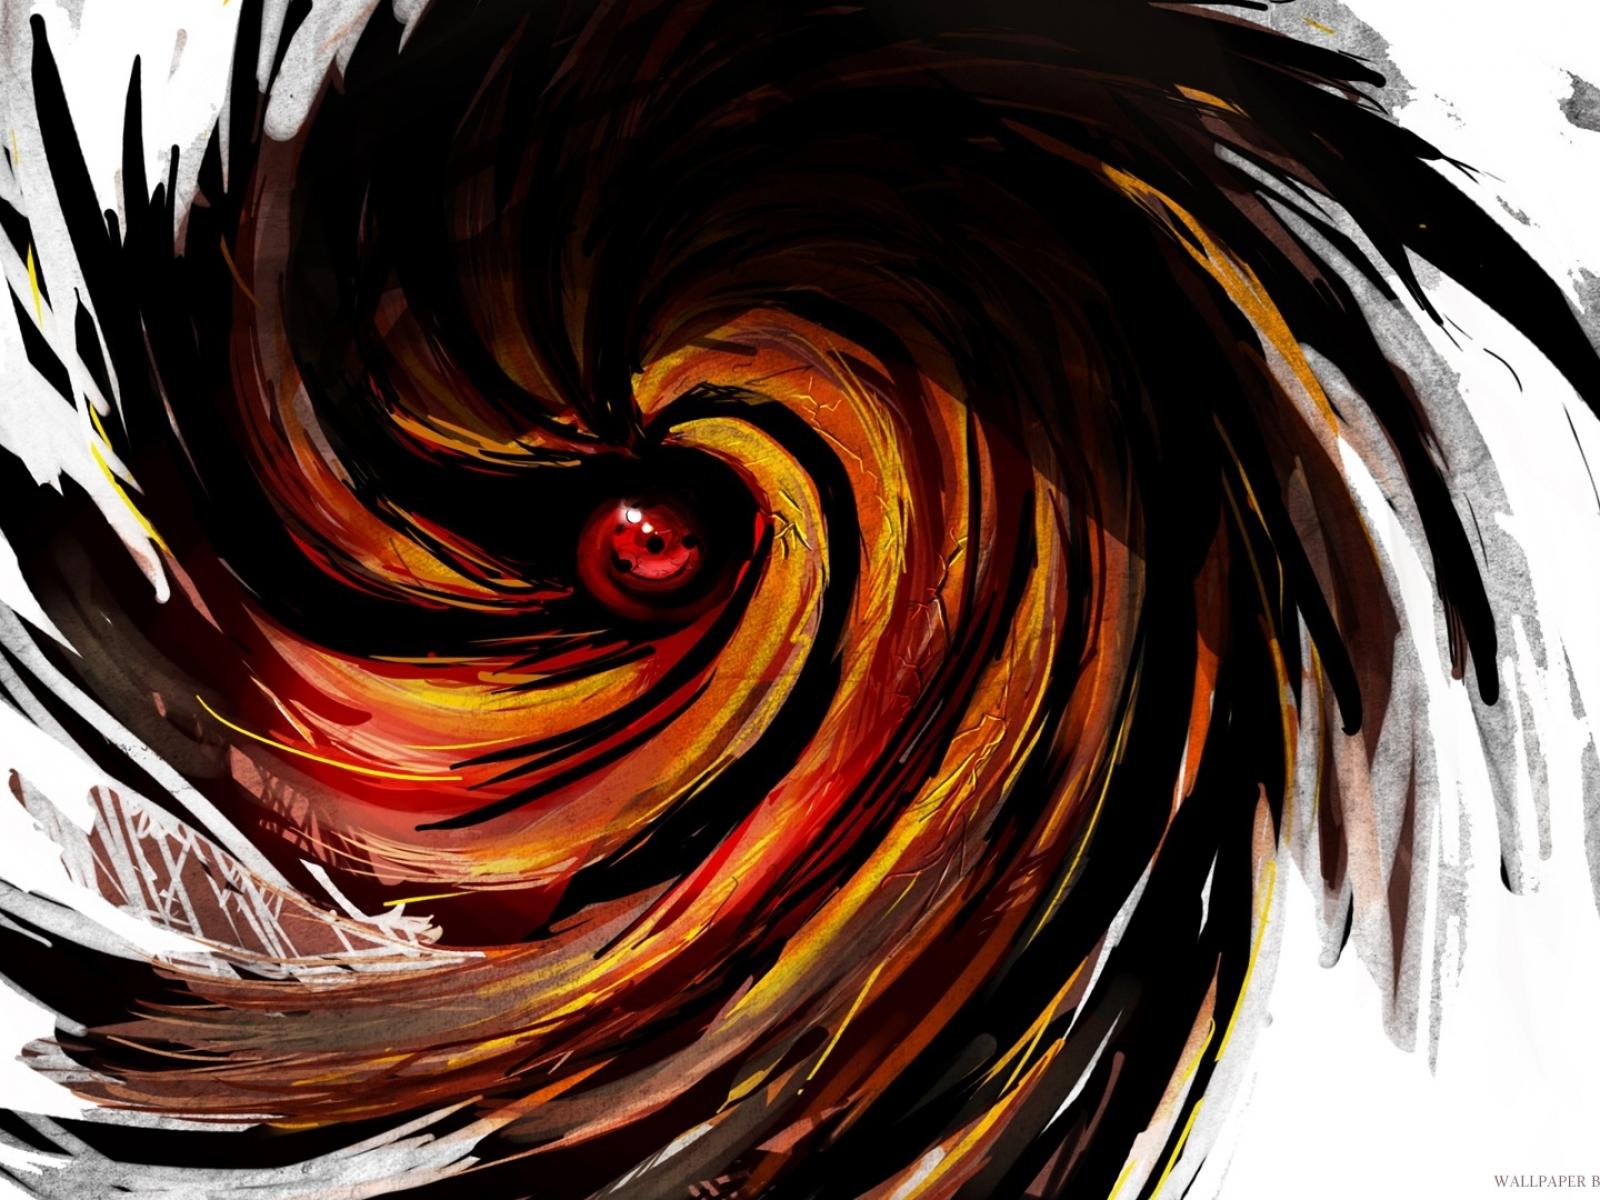 Naruto Shippuden Sharingan Madara Uchiha 1920x by ... Naruto Madara Sharingan